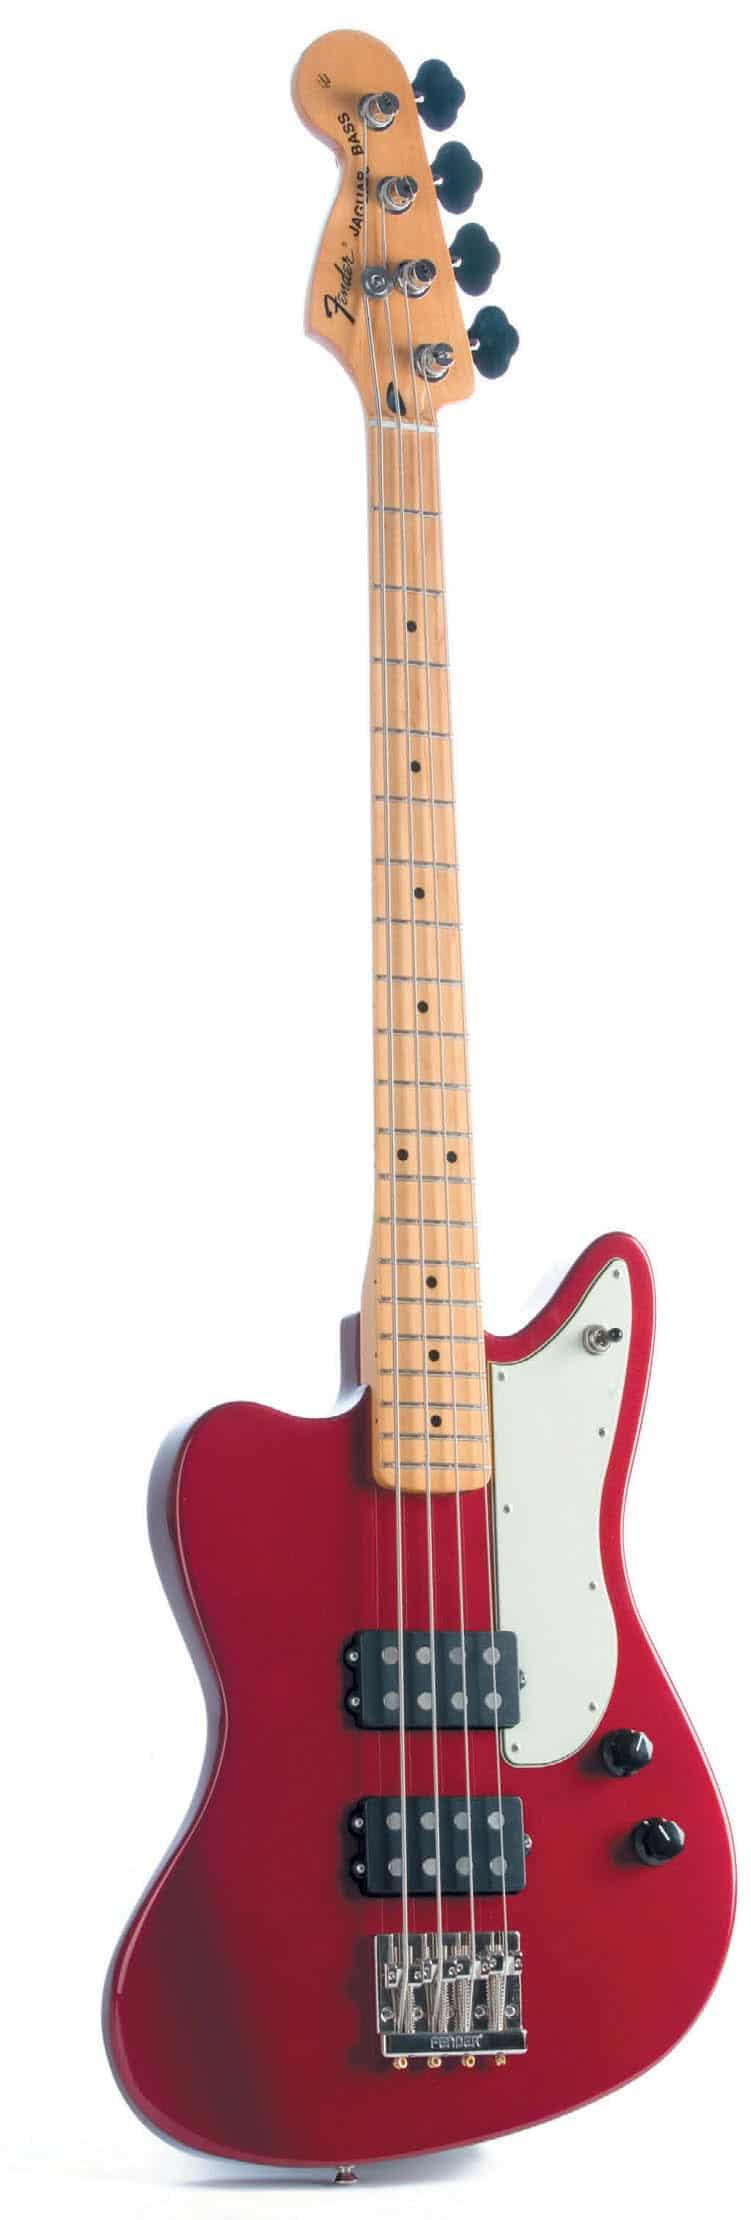 E-Bass von Fender in Linkshänder-Optik, rot, stehend